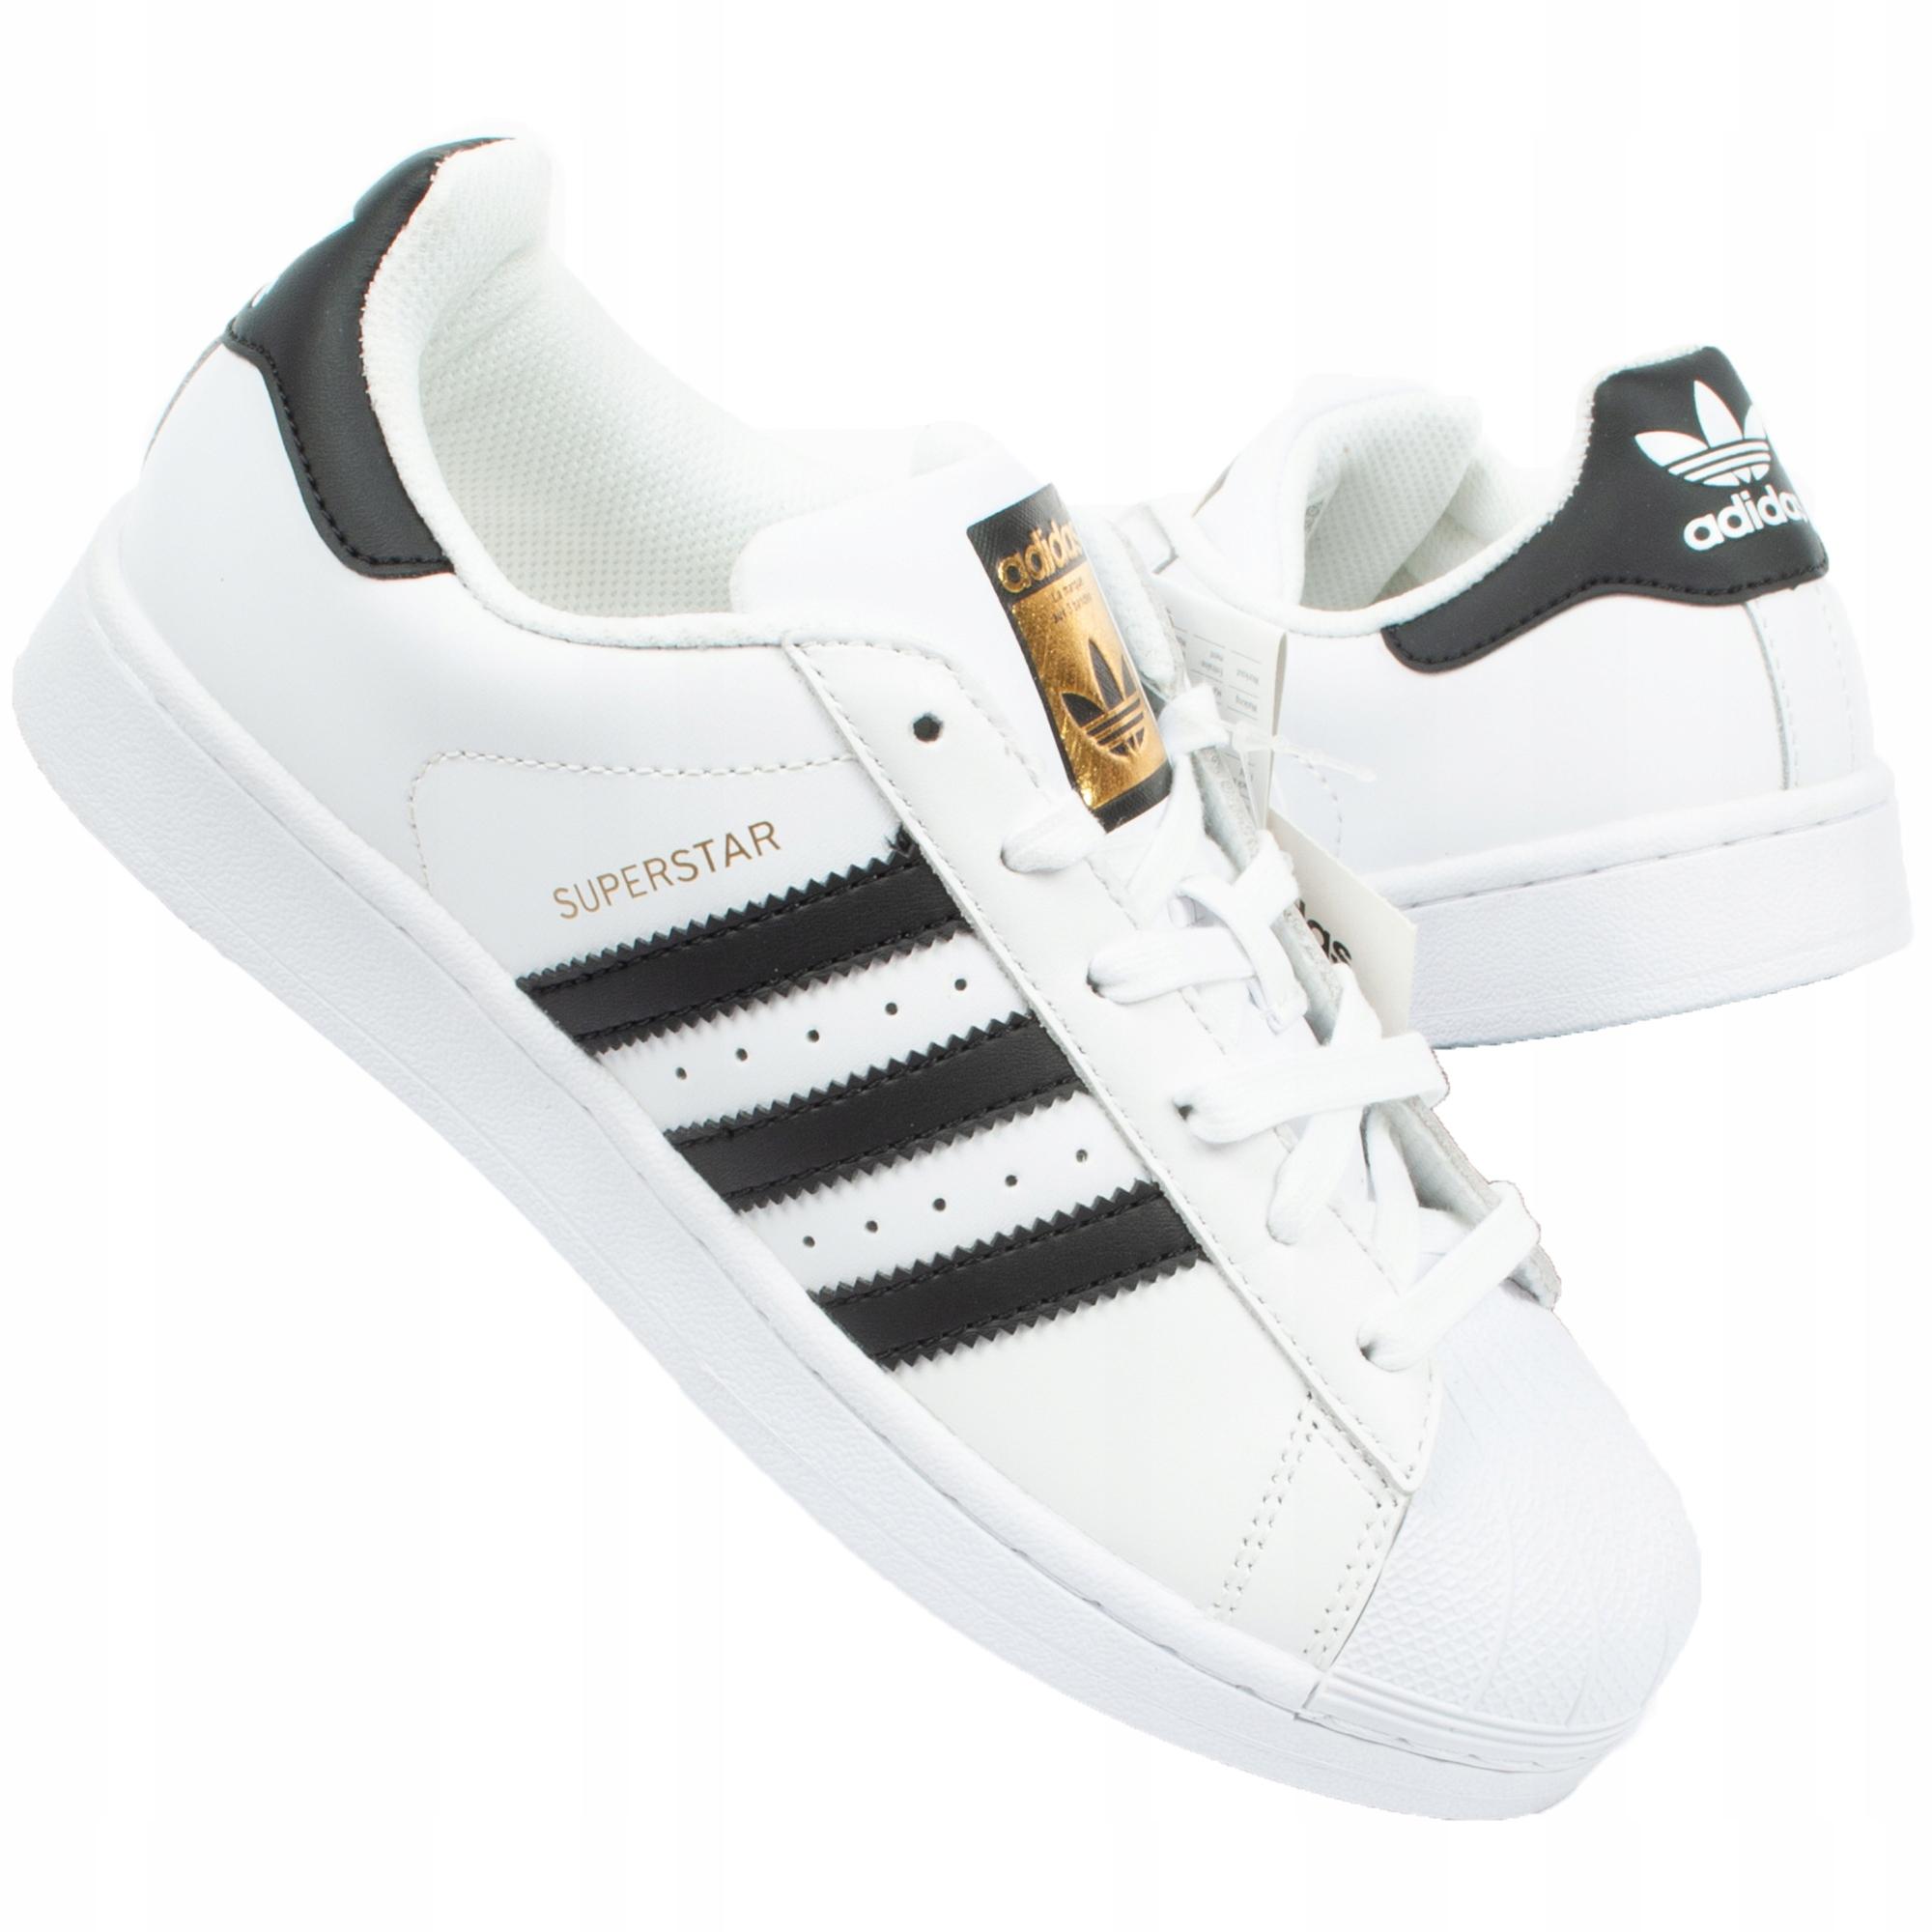 Buty Damskie Adidas Superstar C77124 r. 40 2/3